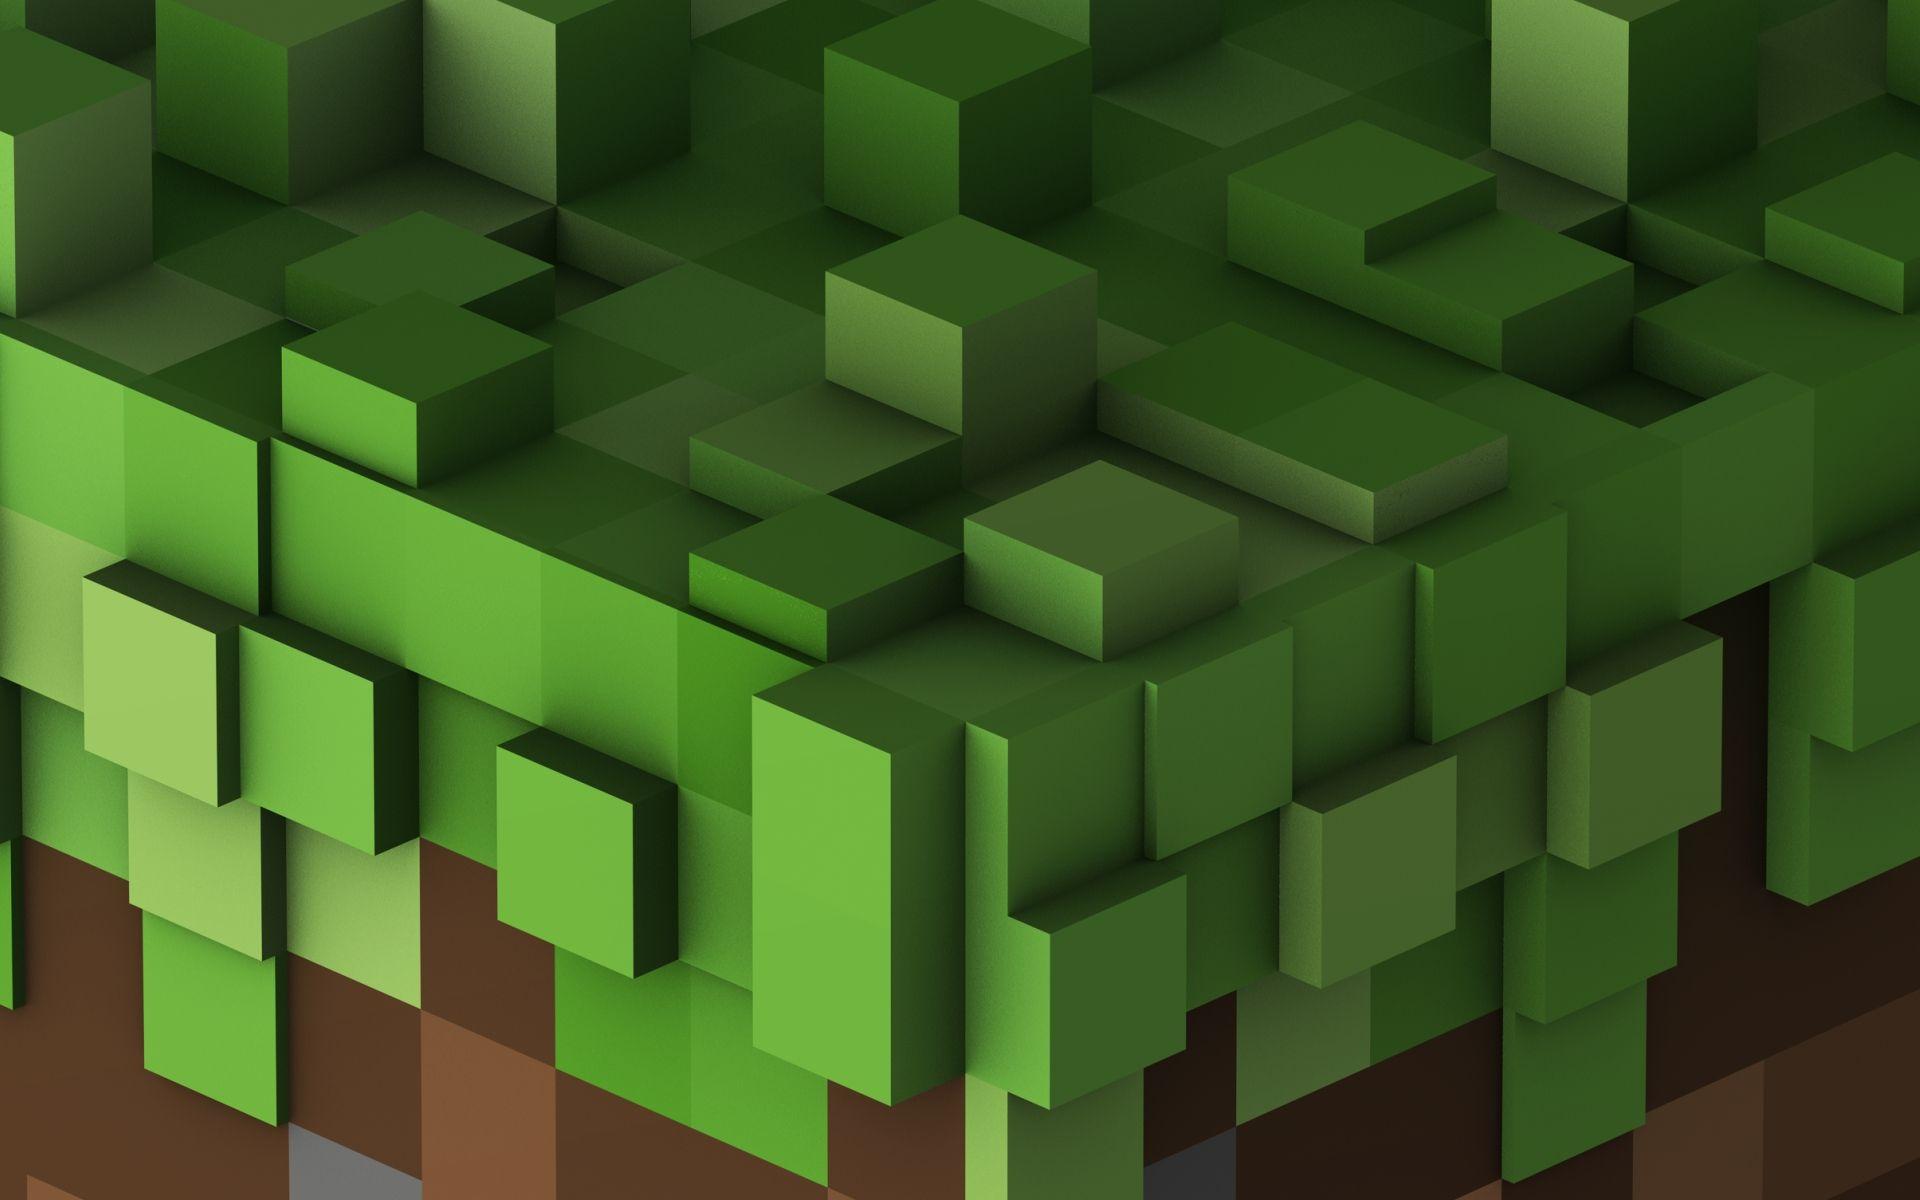 Cool Wallpaper Minecraft Google - bff8ba0741f5279829c07acb57f18f3d  Image_491371.jpg